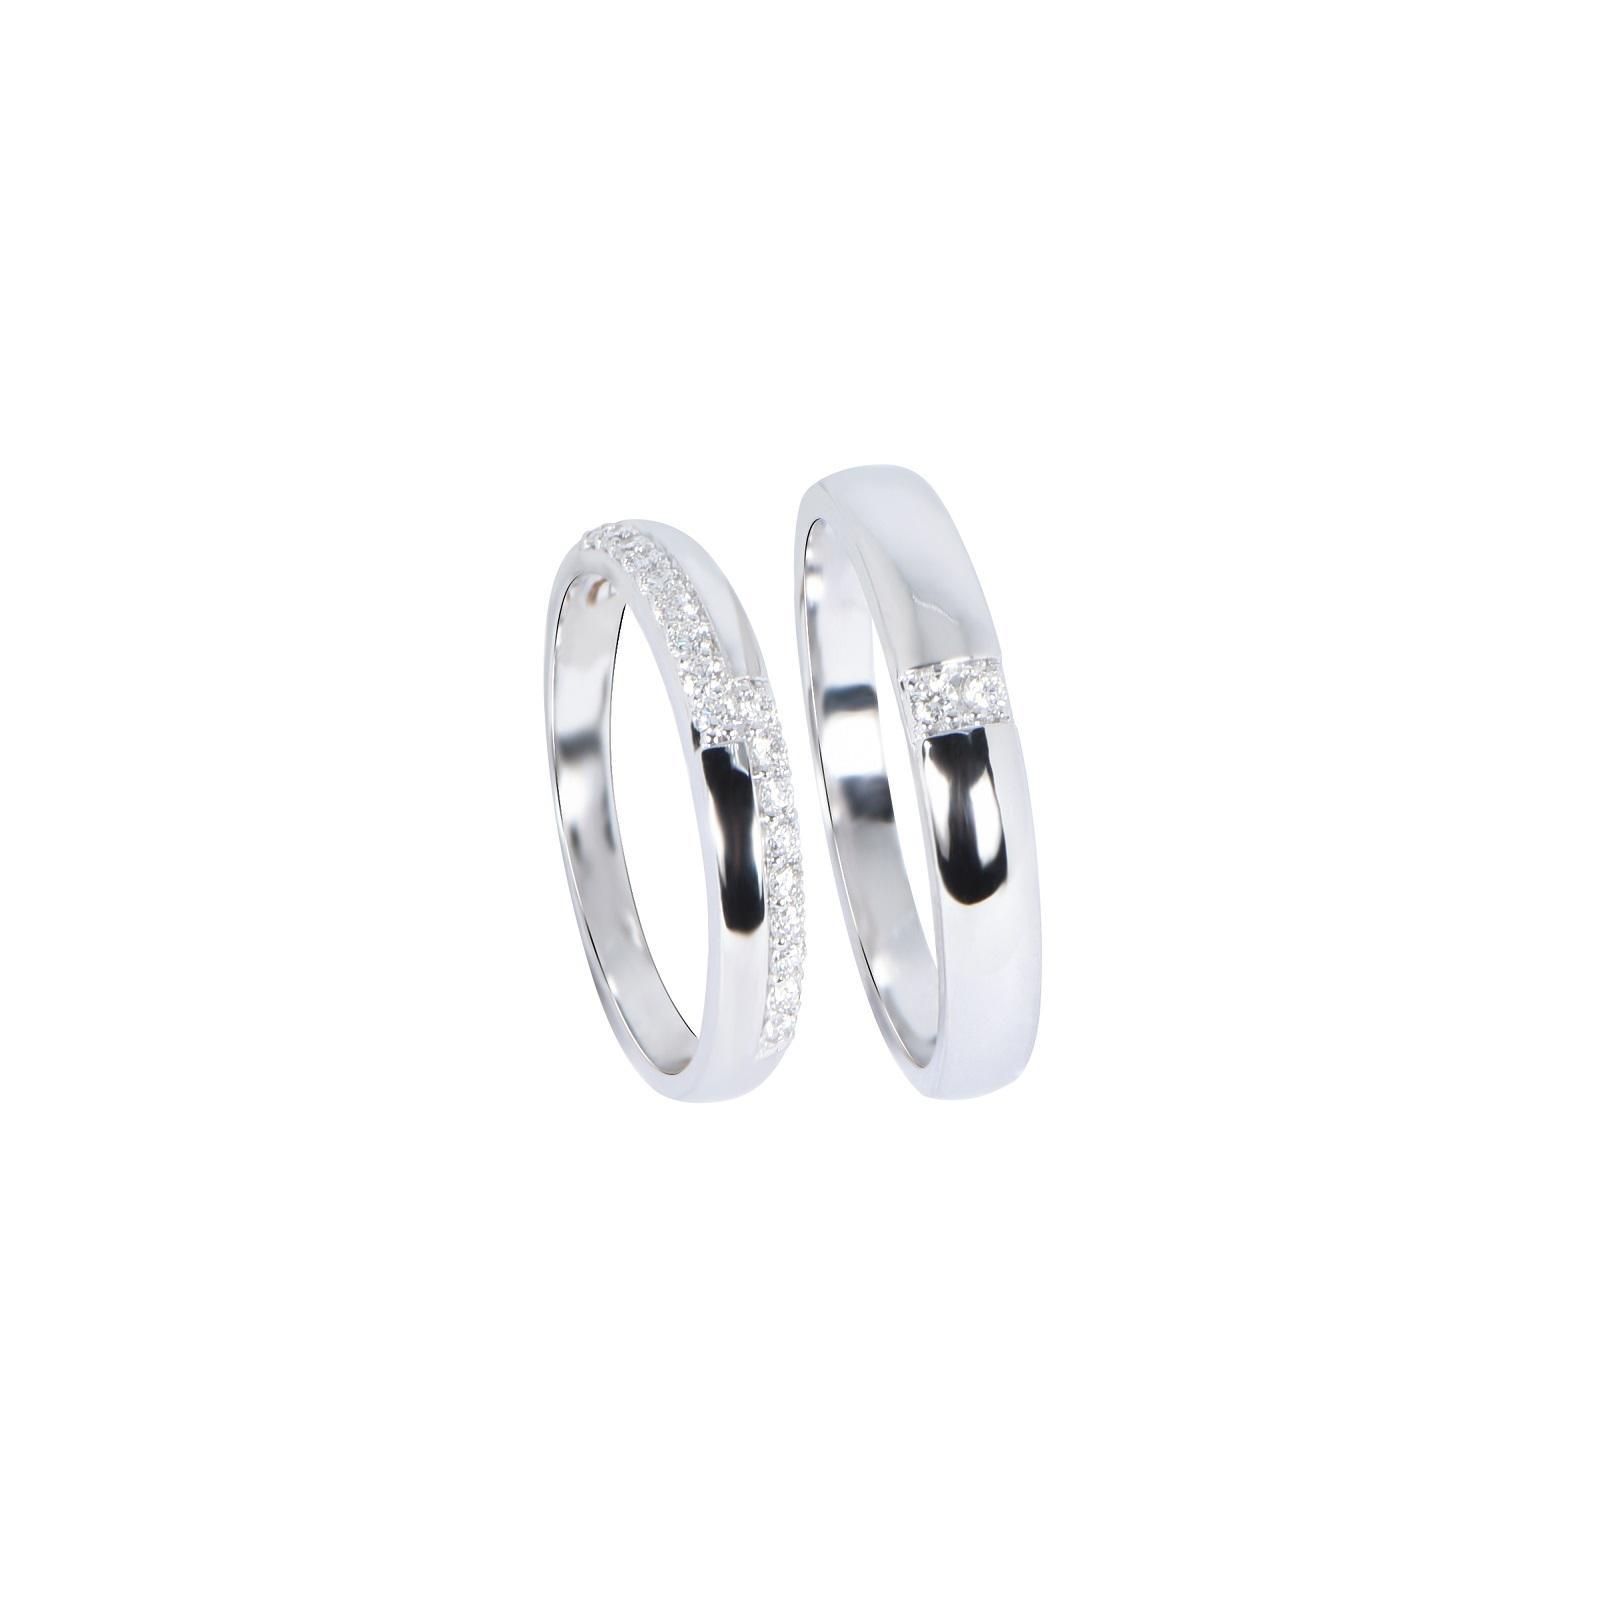 Nhẫn cưới Kim cương nữ 20QR016.6TY